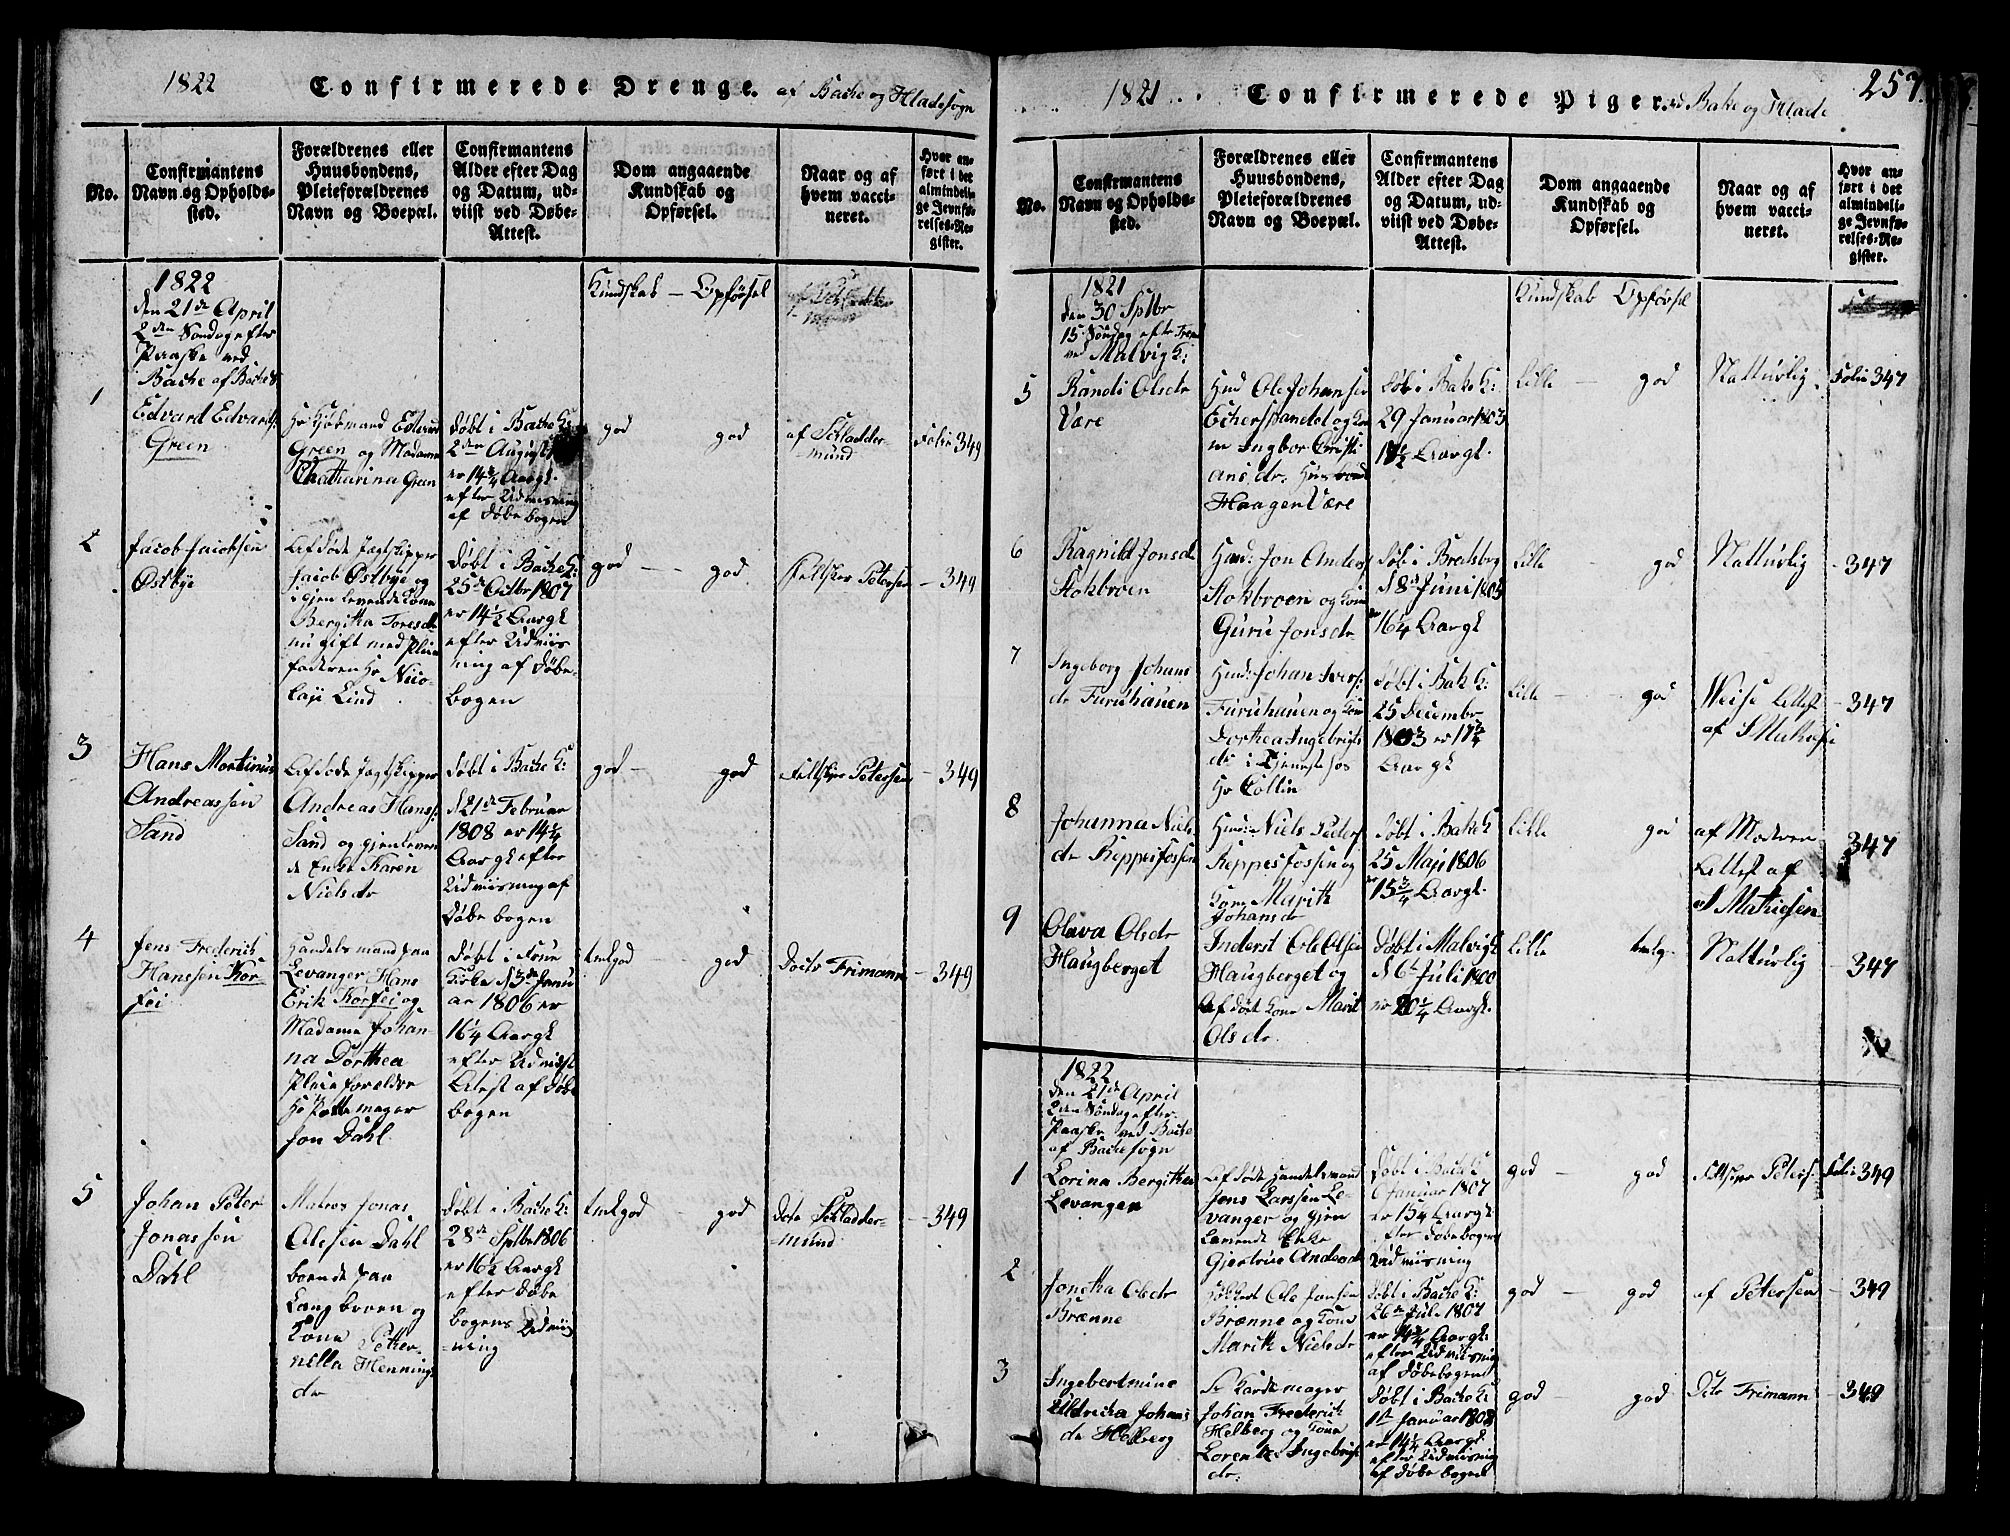 SAT, Ministerialprotokoller, klokkerbøker og fødselsregistre - Sør-Trøndelag, 606/L0307: Klokkerbok nr. 606C03, 1817-1824, s. 257